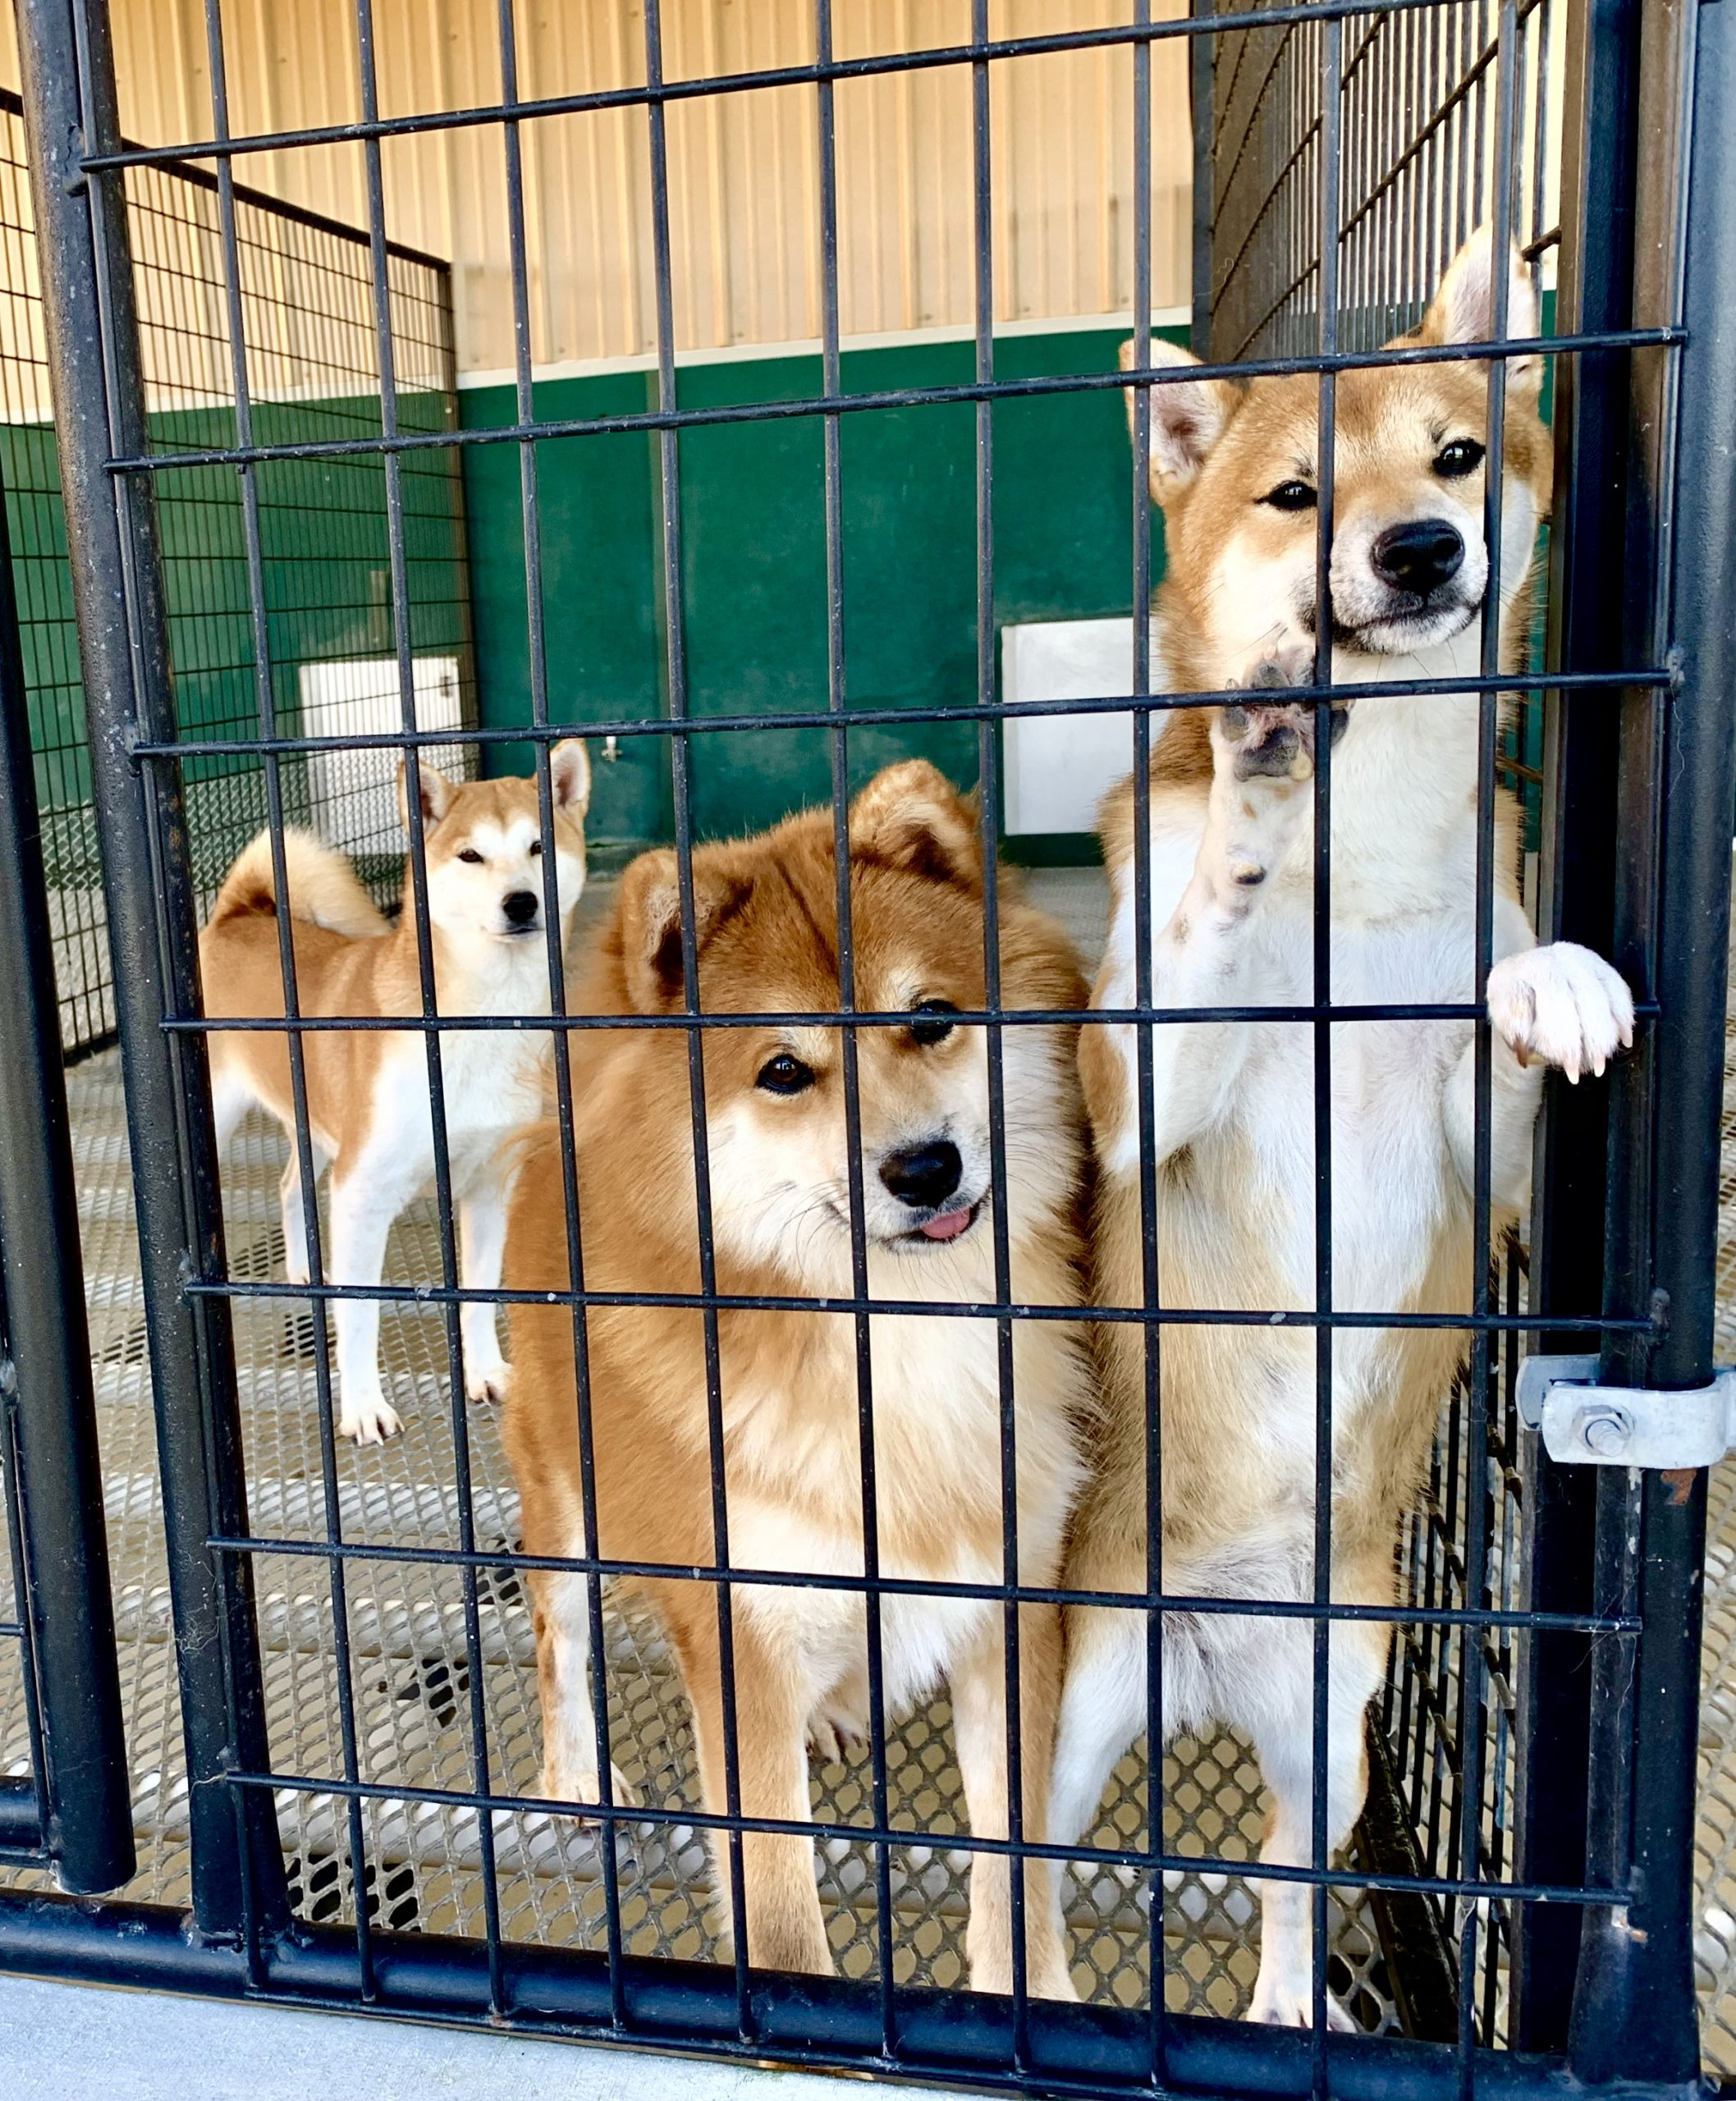 Shib Inu dogs